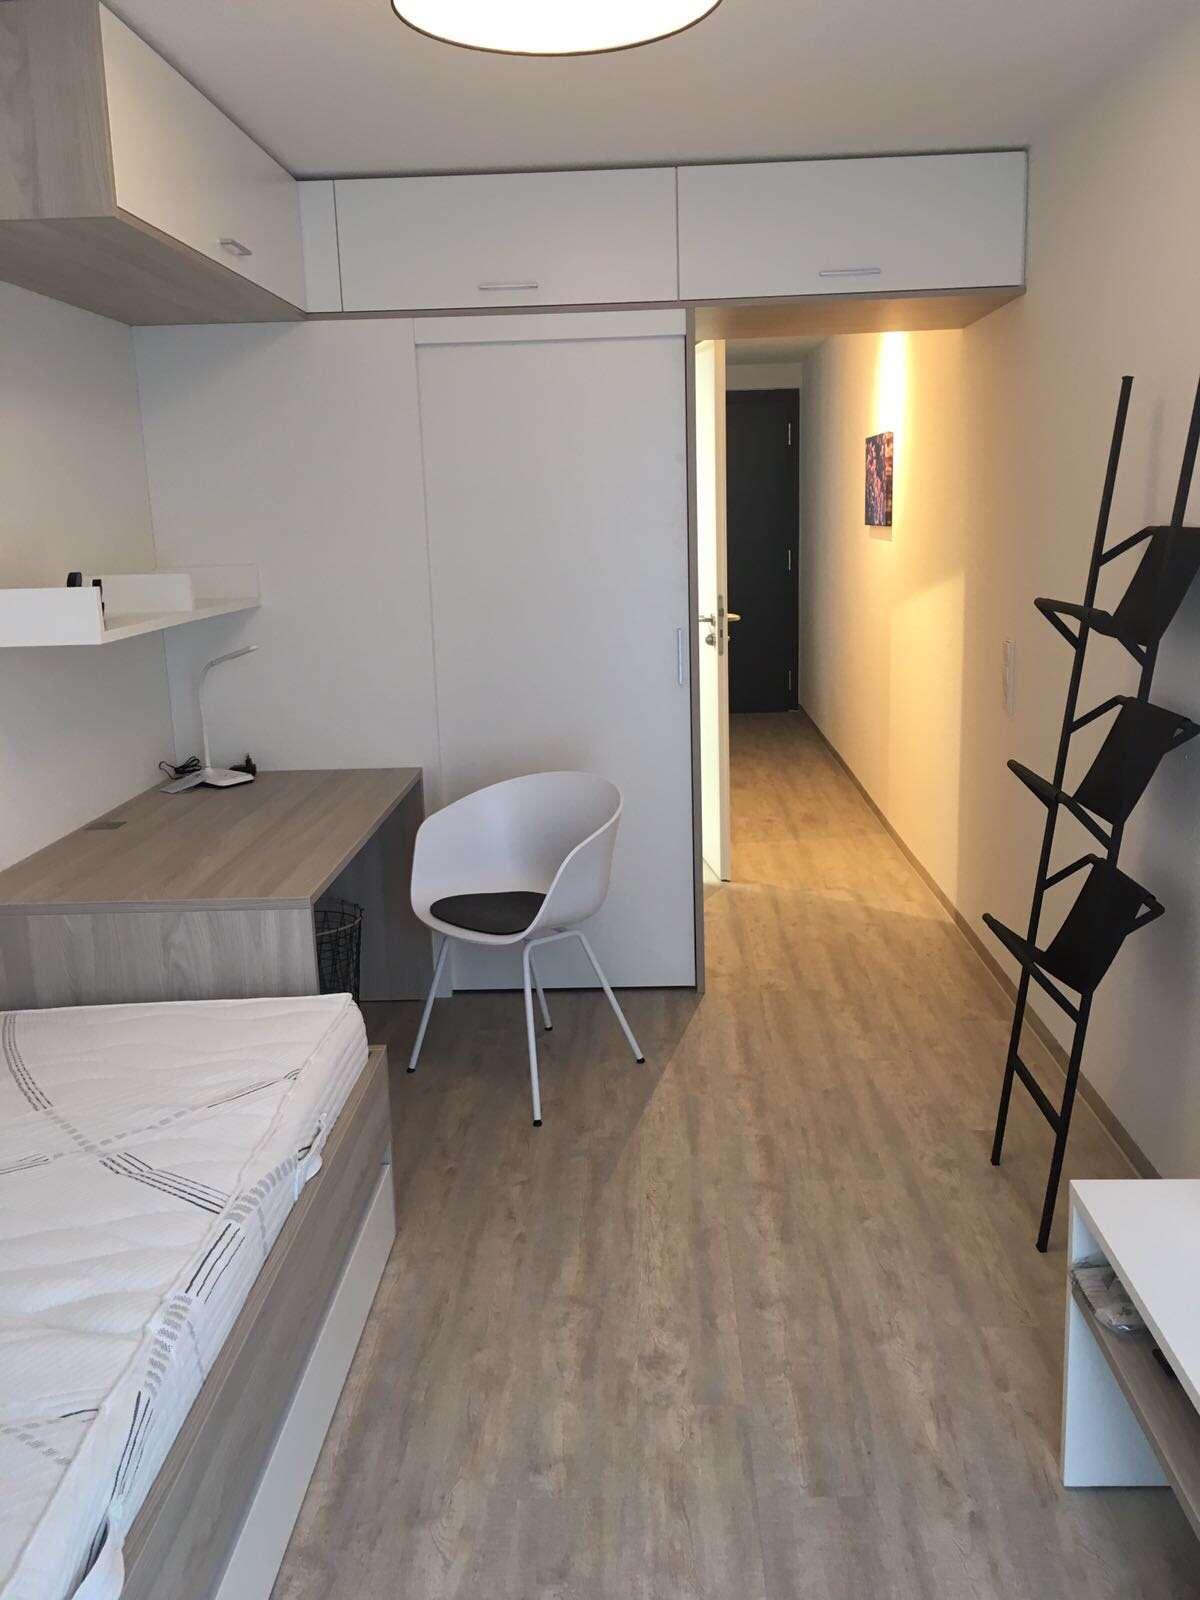 445 €, 24 m², 1 Zimmer in Nordost (Ingolstadt)